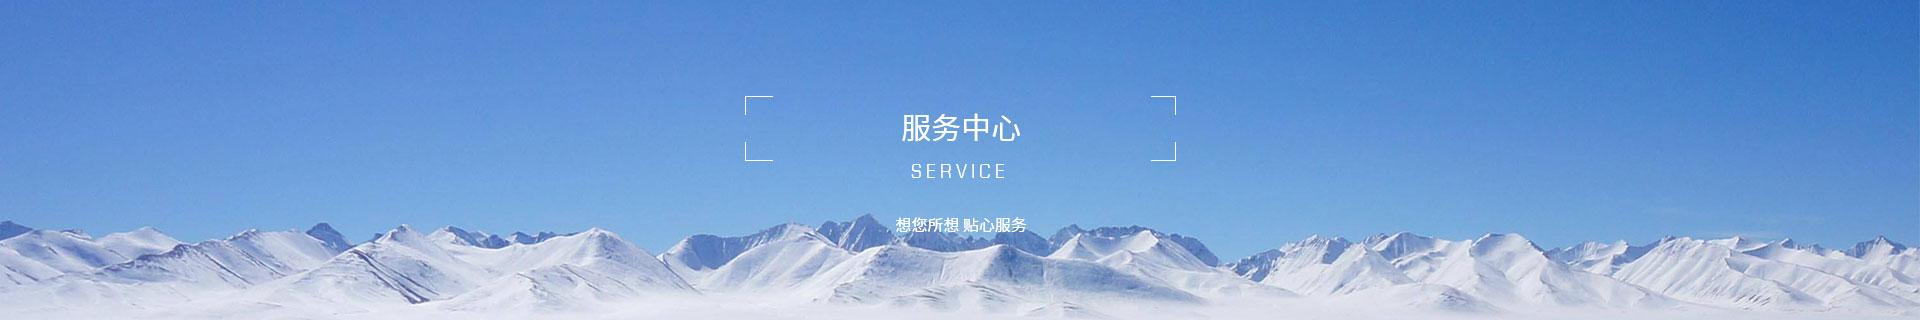 市场与服务